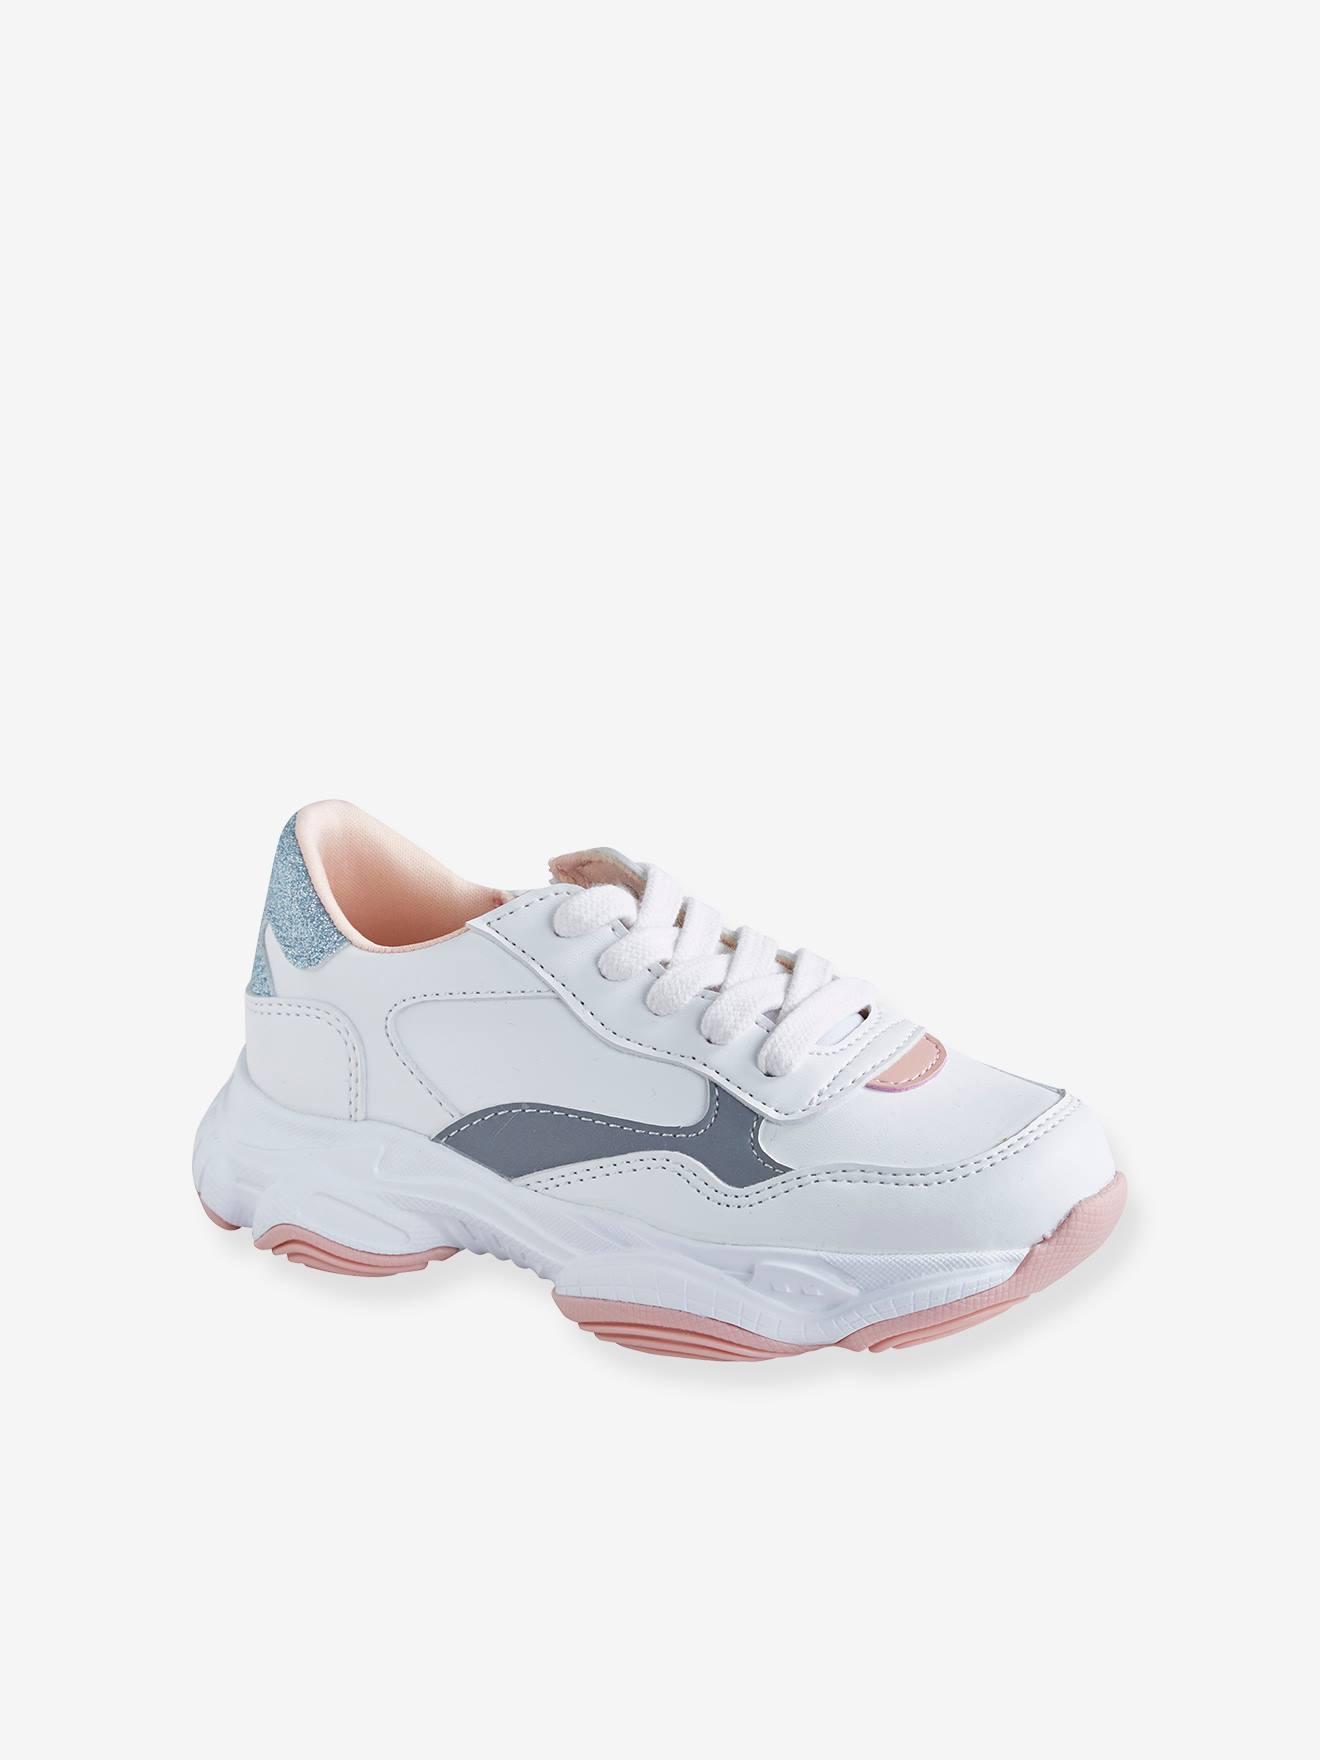 Baskets lacées et zippées fille esprit running blanc